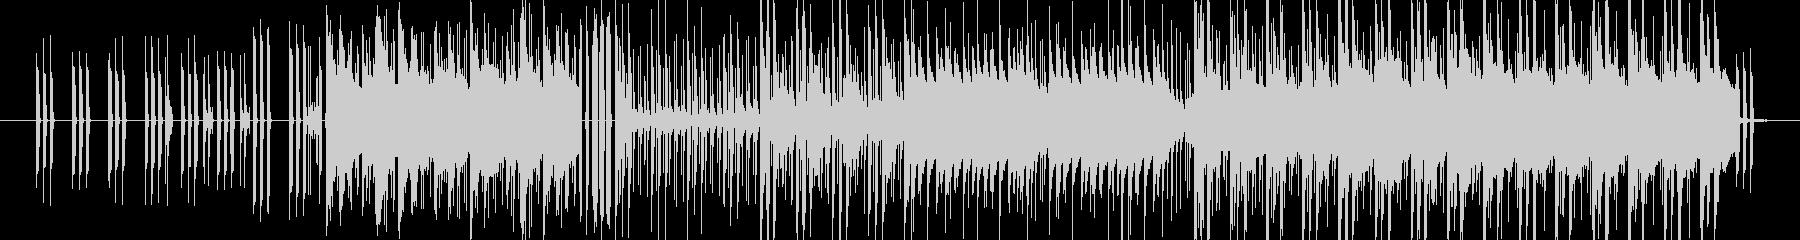 エレピのチャーミーなメロディと、ハード…の未再生の波形